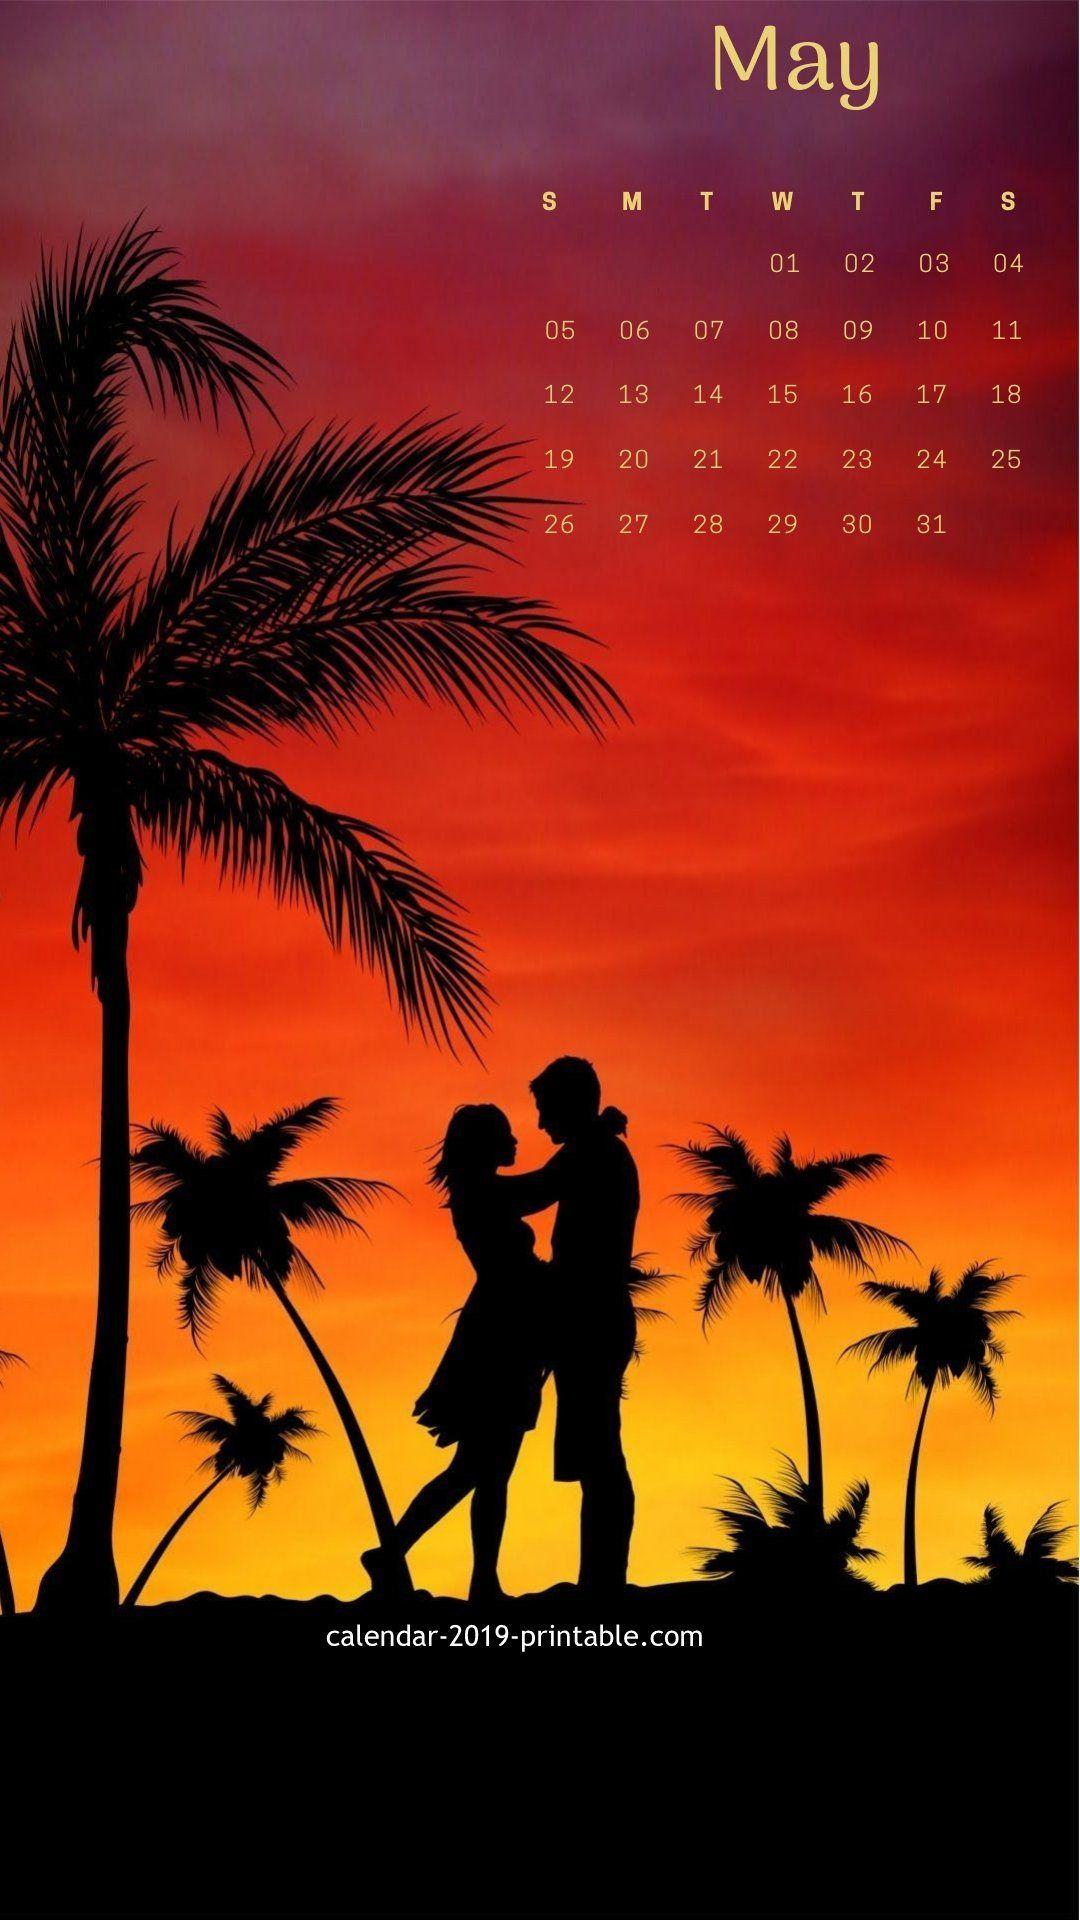 May 2019 Iphone Calendar Romantic Wallpaper Cute Love Wallpapers Love Wallpaper For Mobile Love Wallpaper